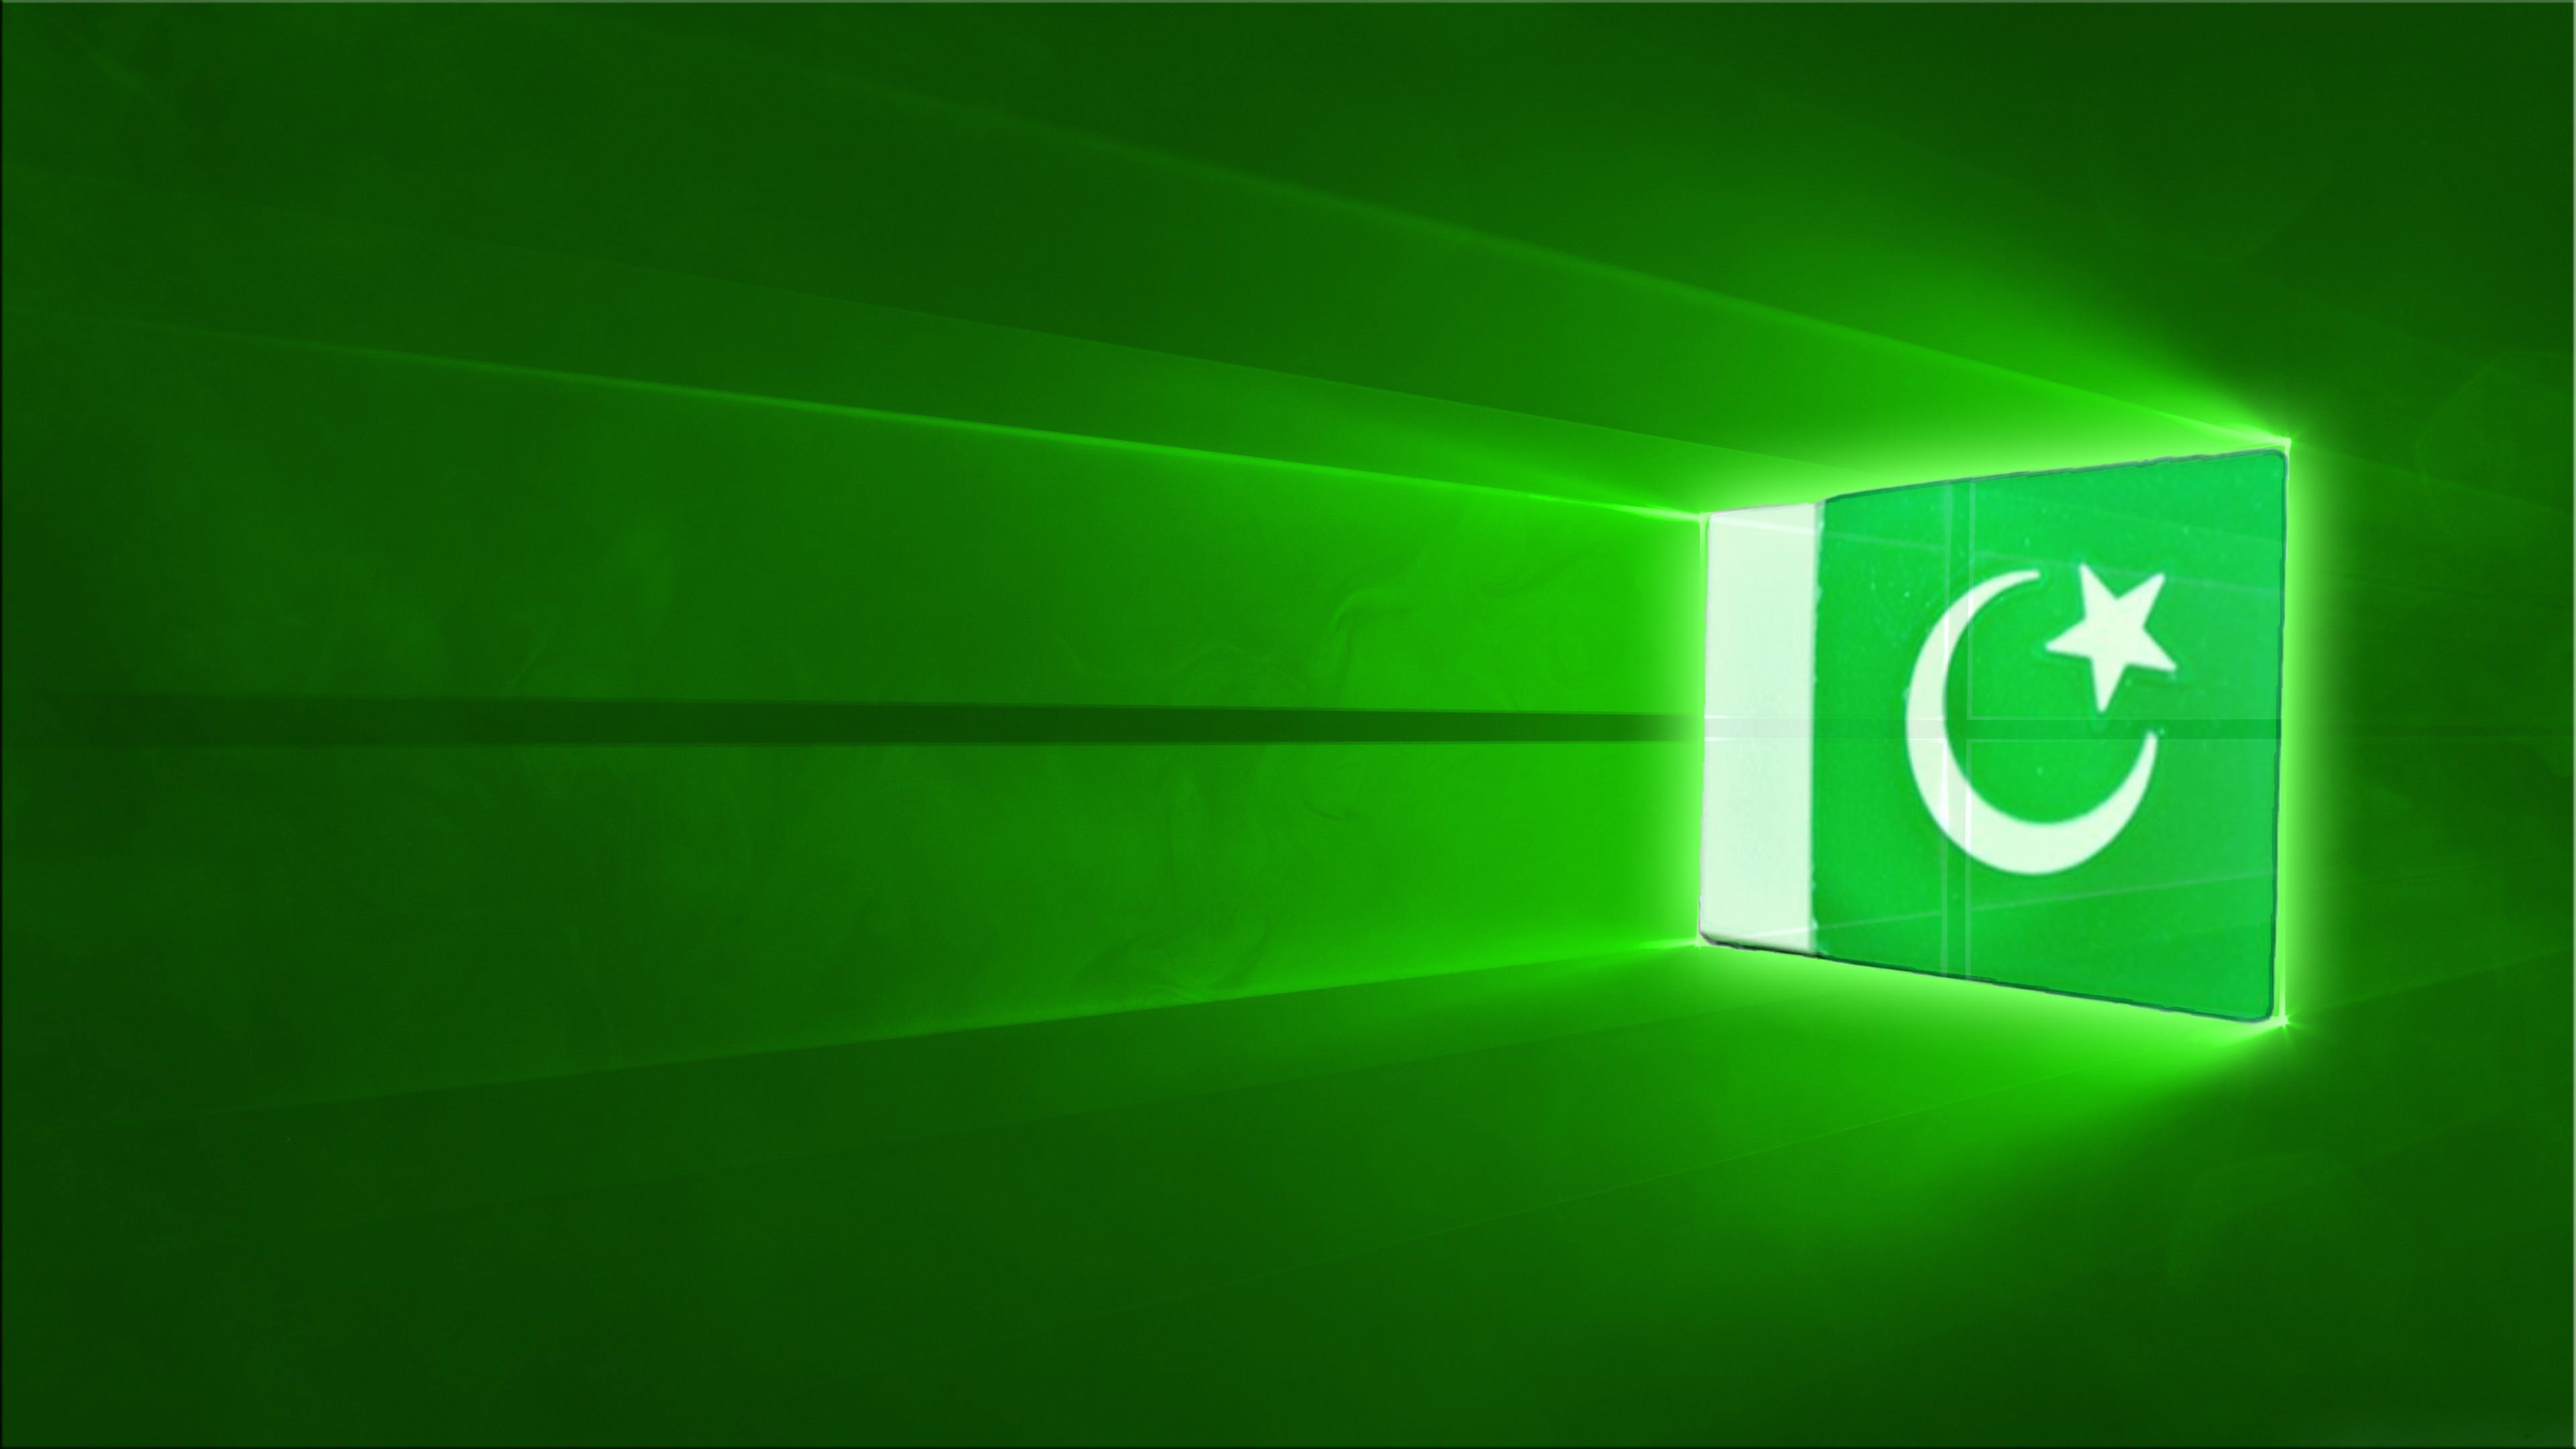 Windows 10 Wallpaper - pakistan Wallpaper (41399868) - Fanpop